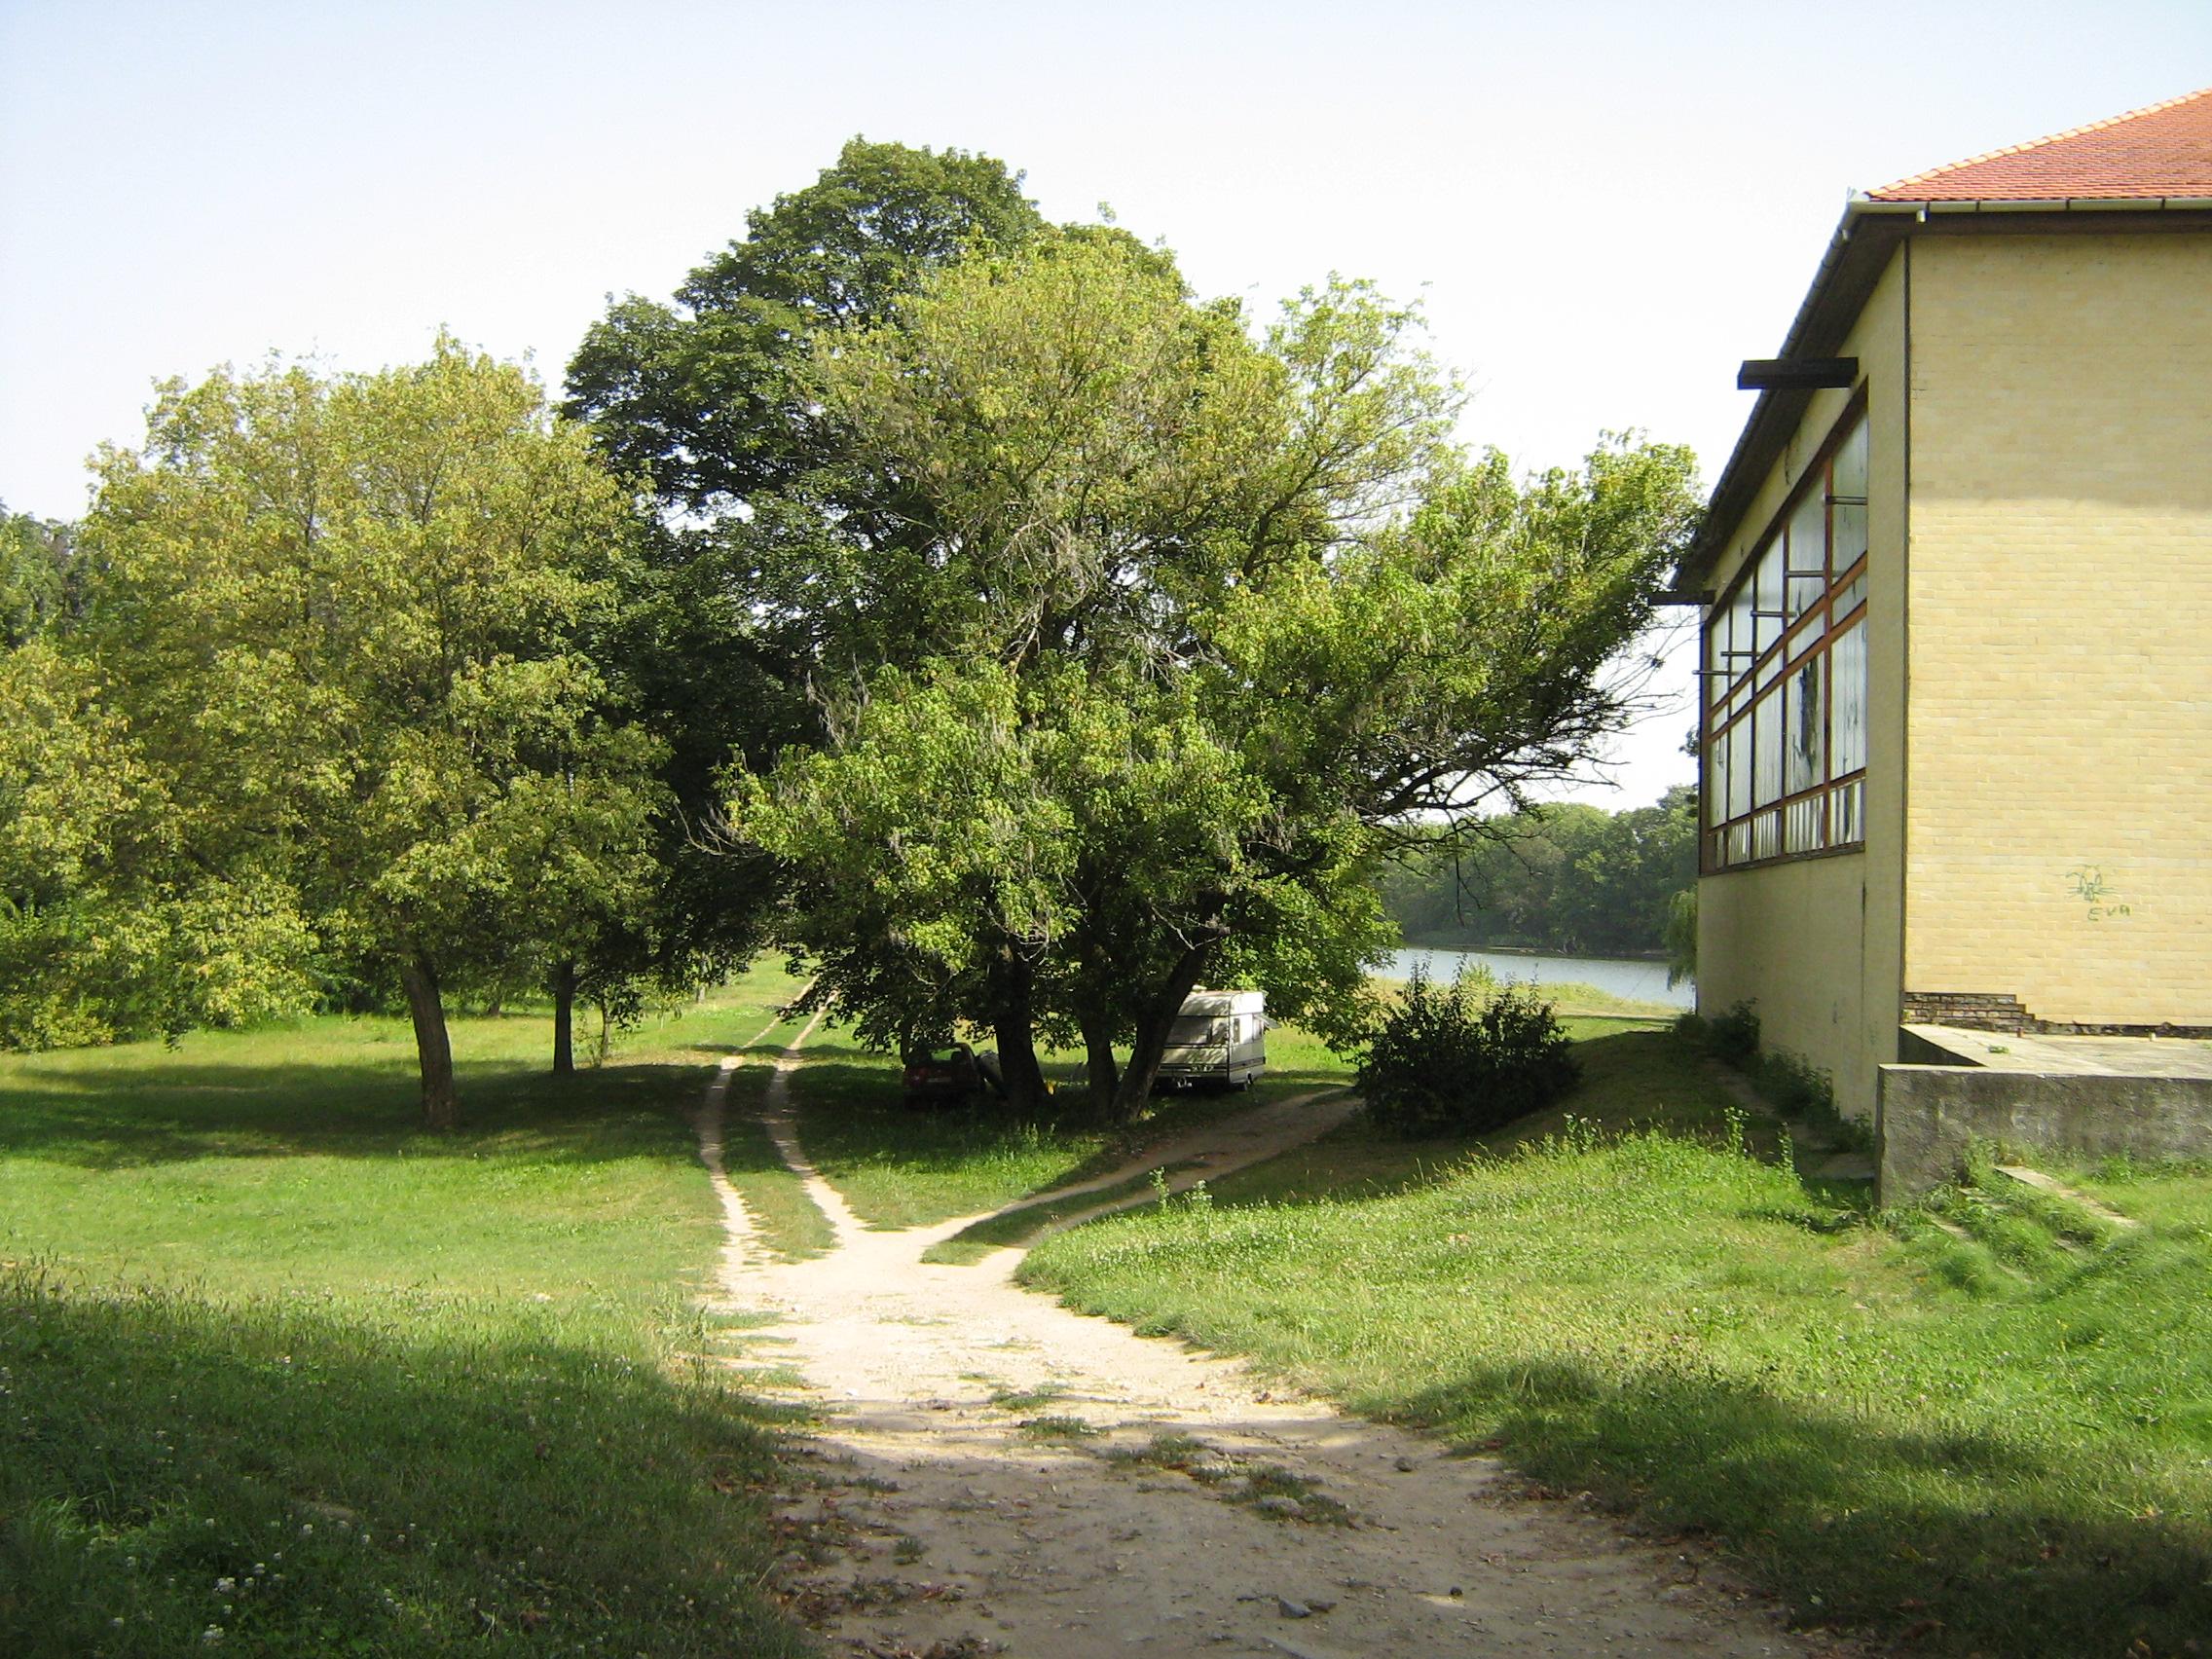 A tornaterem épülete a Holtág partján (a szerző fotója)